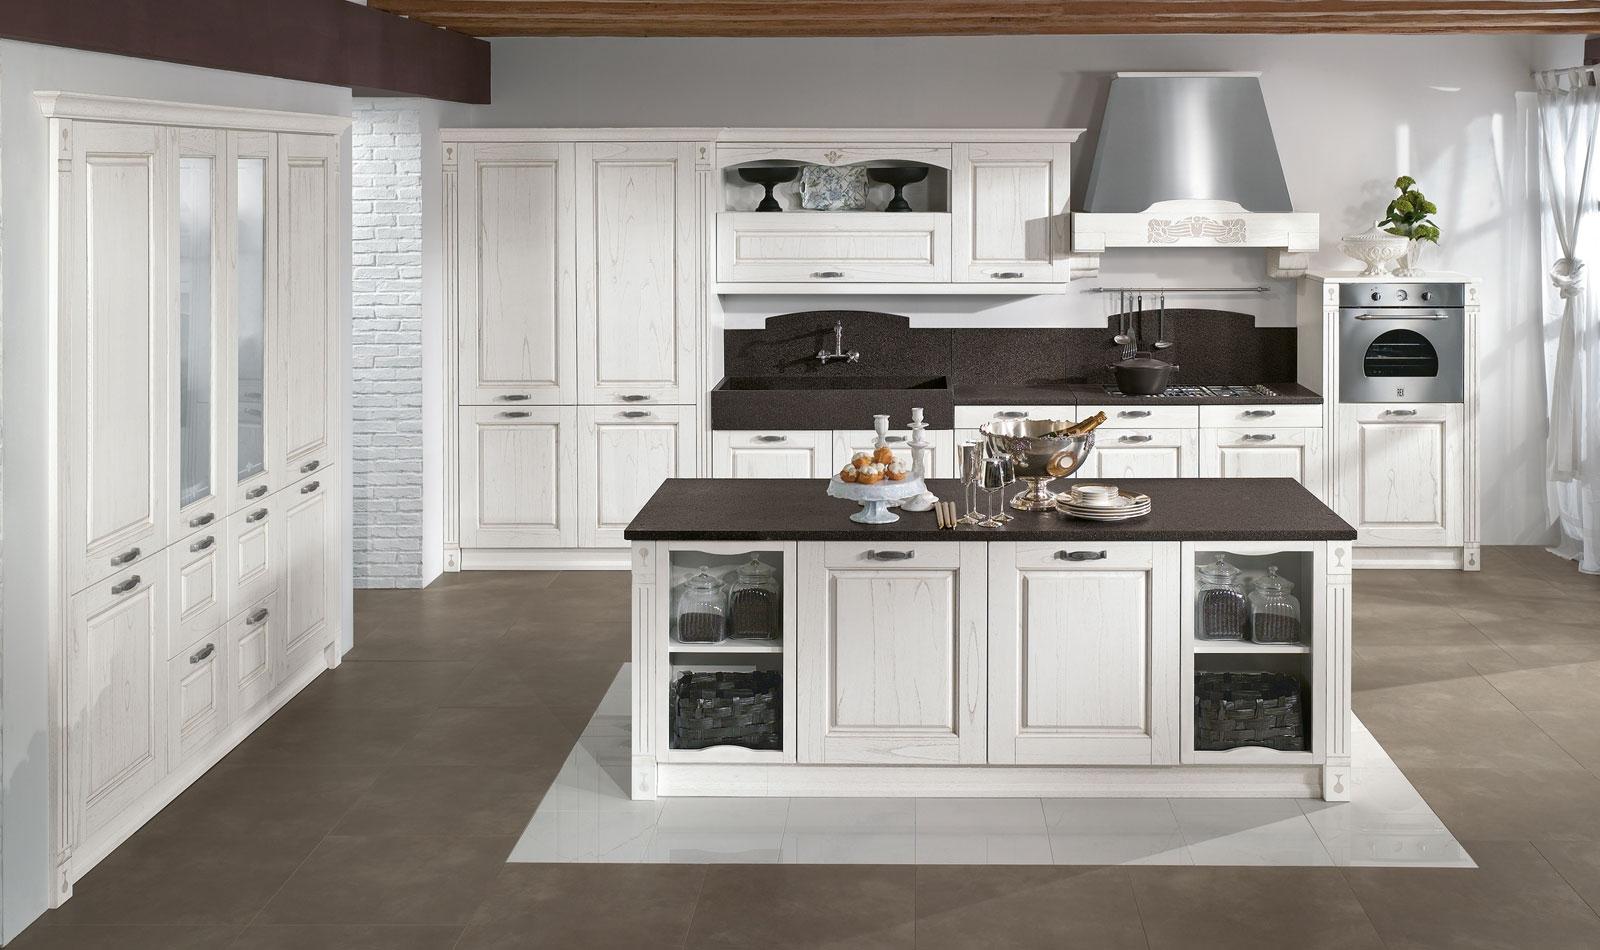 Country decorazione cucina - Cucina bianca e tortora ...